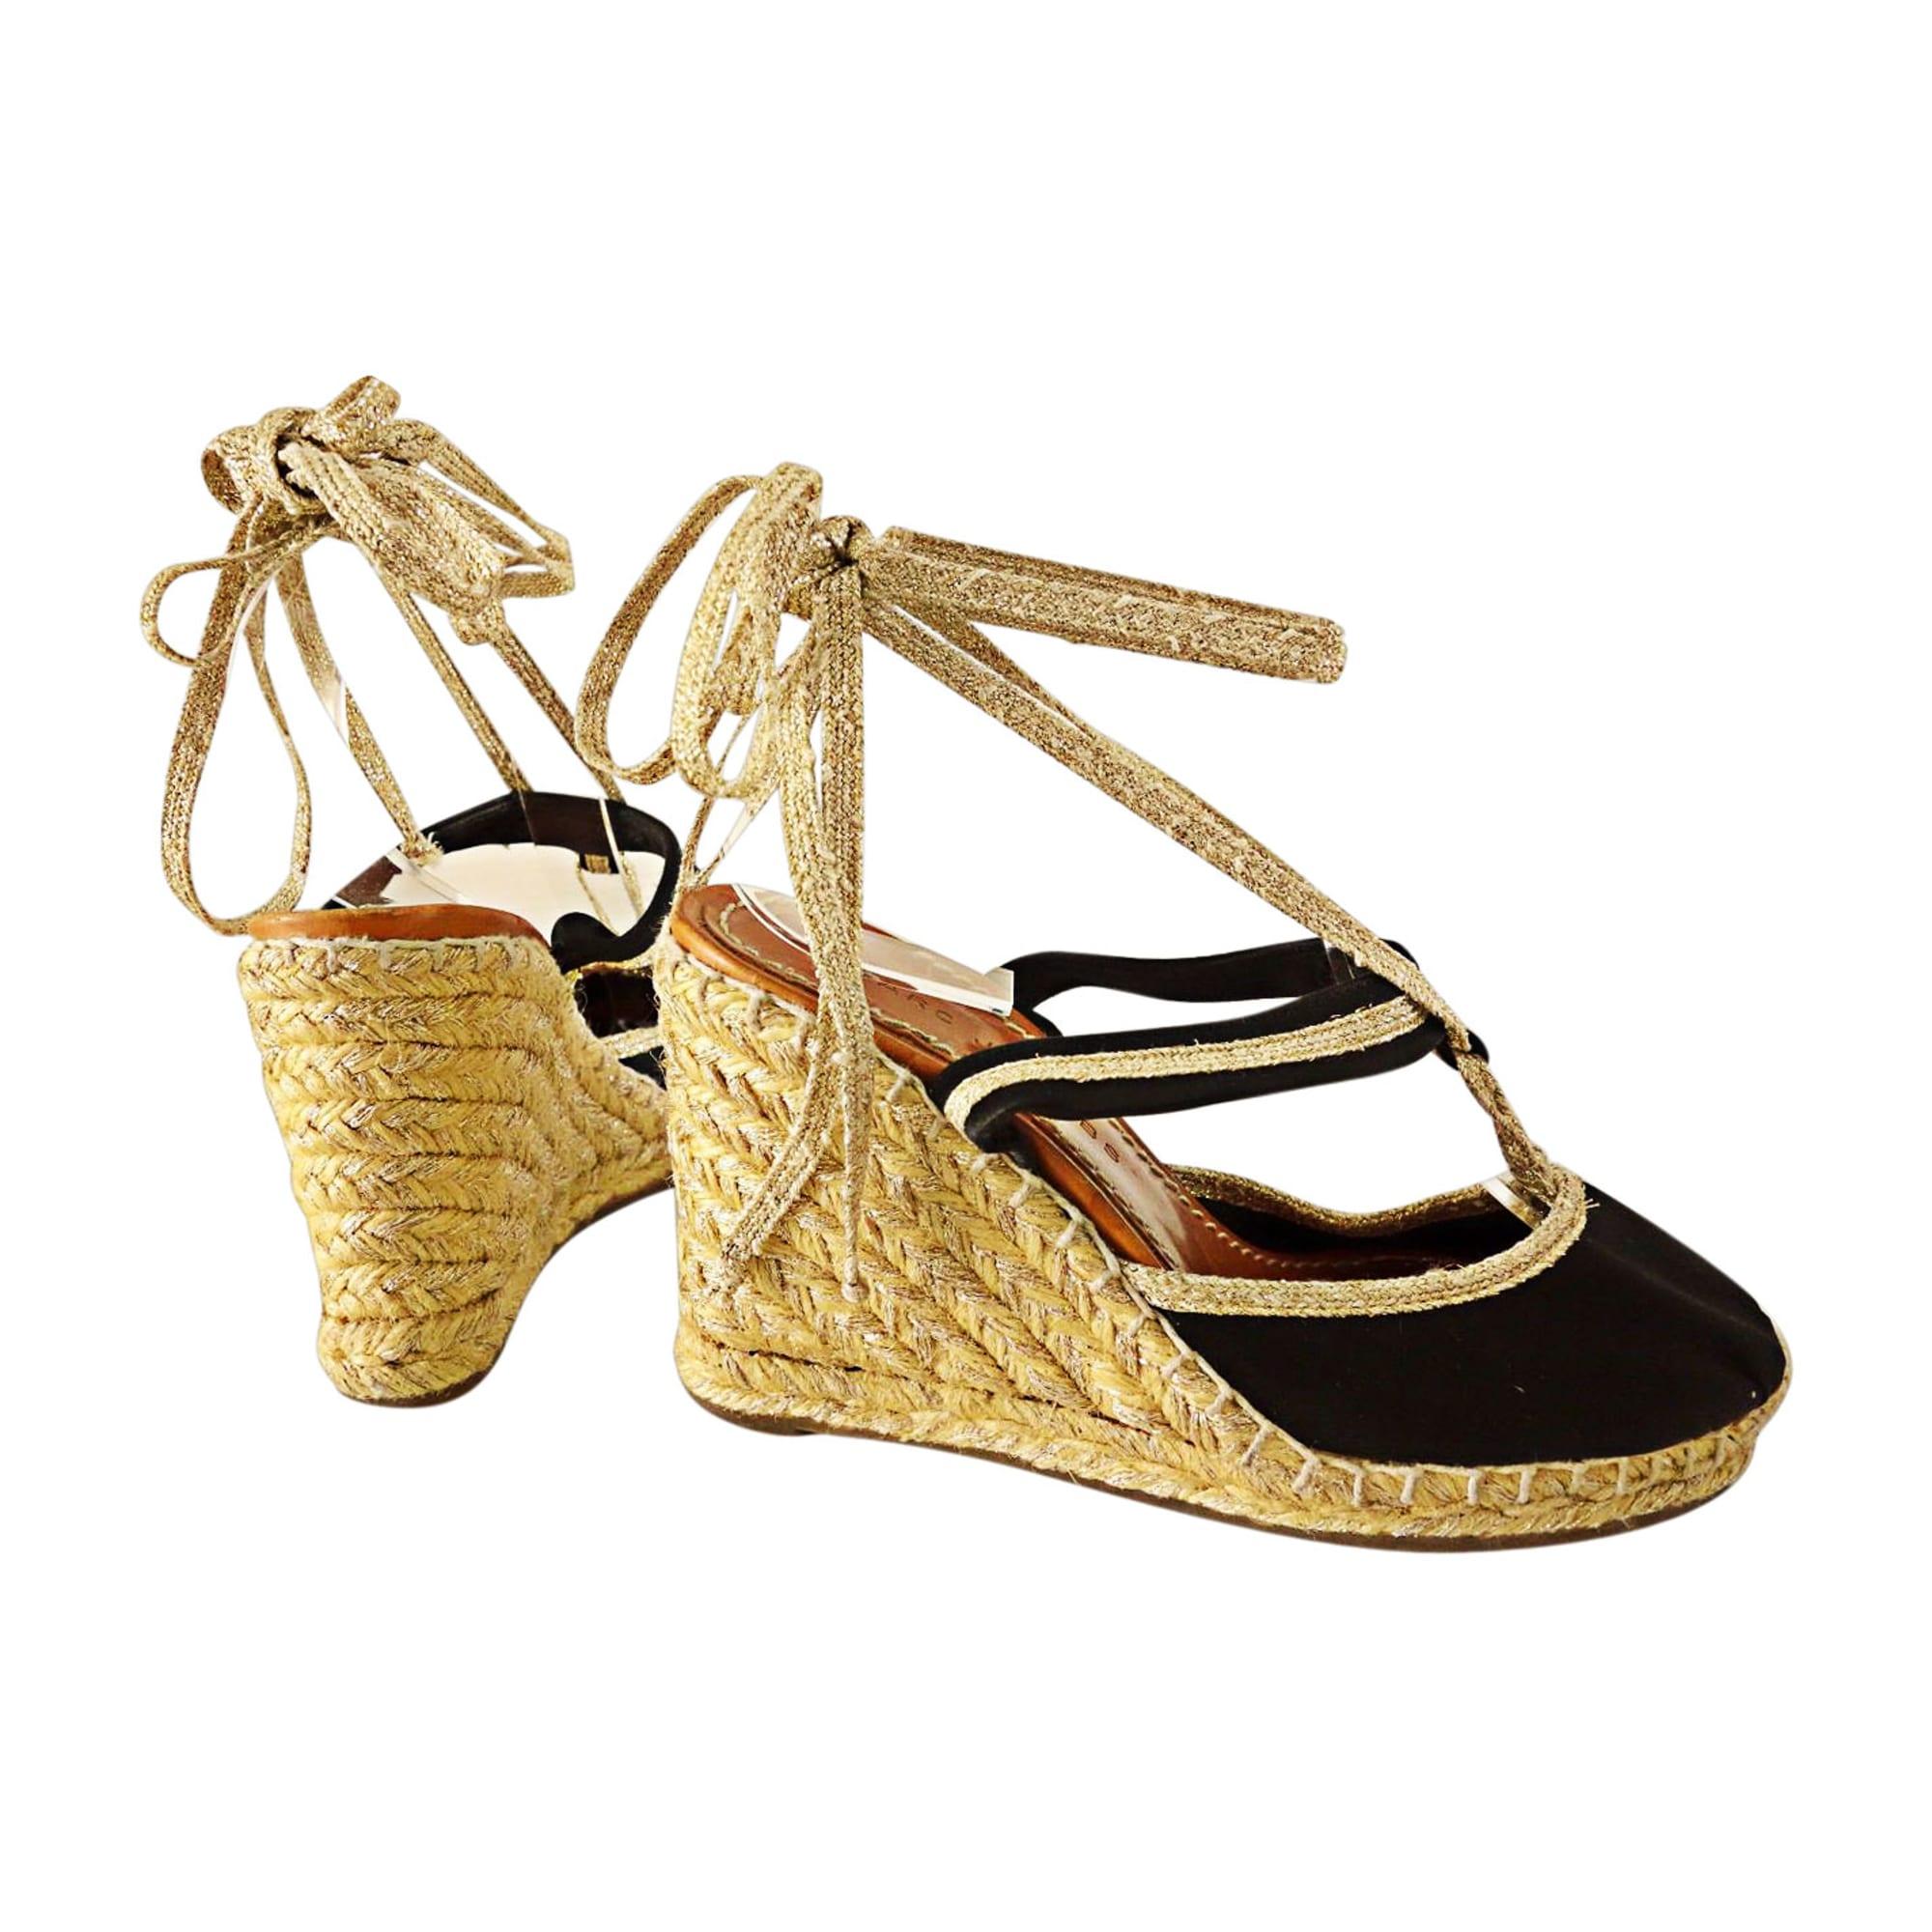 Sandales compensées MARC JACOBS 35 noir   beige   doré - 3649440 e6d058a386b